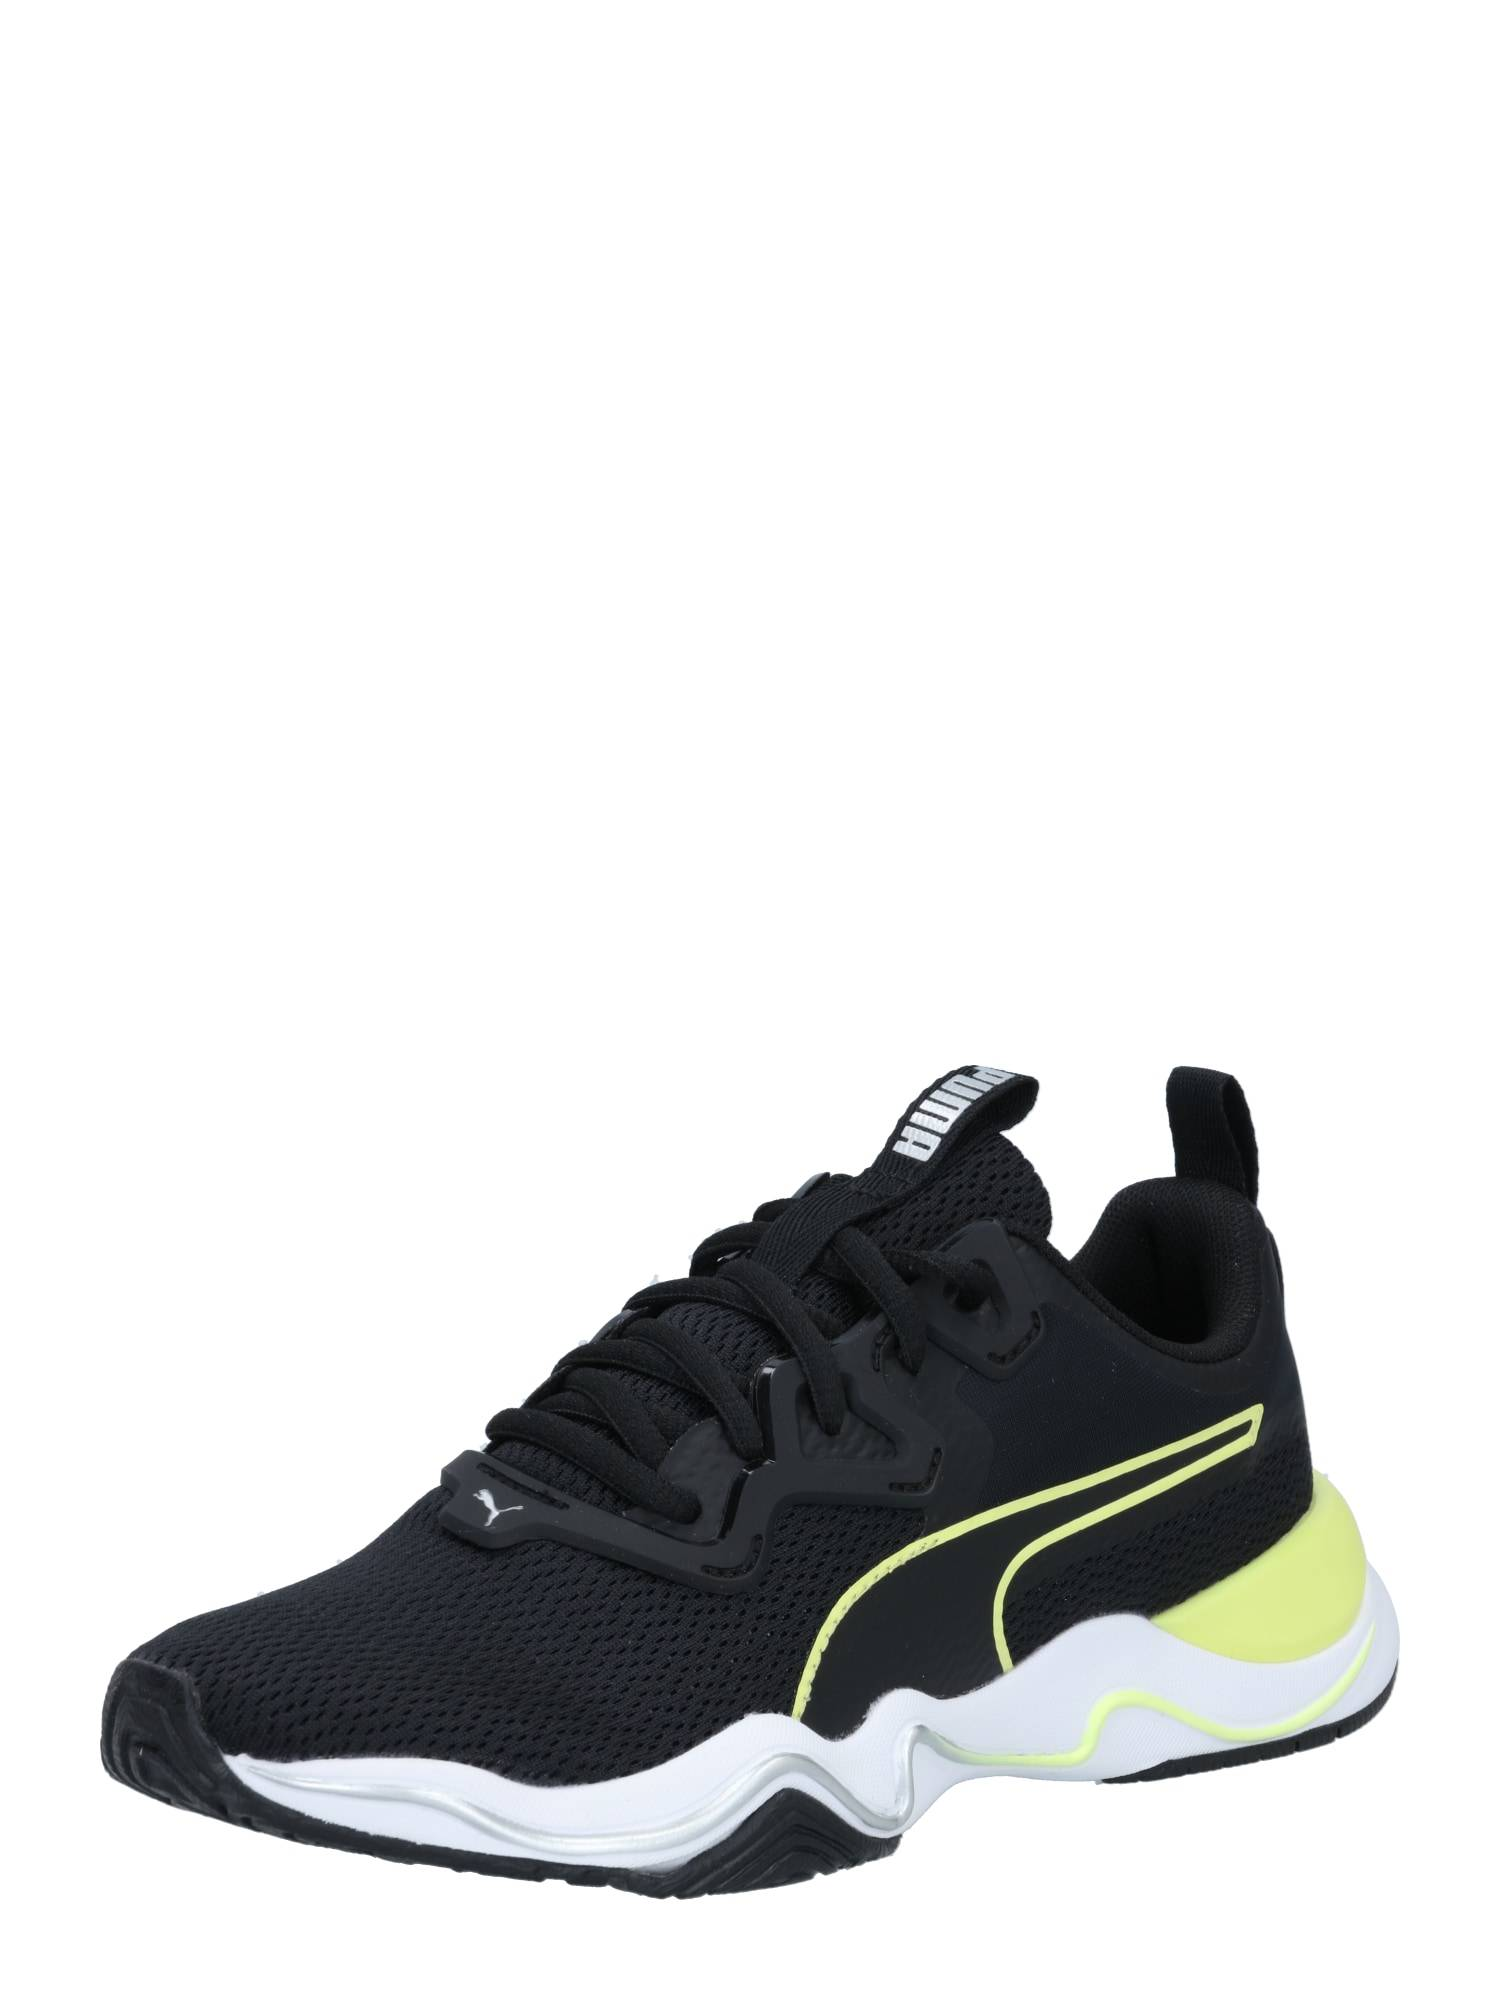 PUMA Chaussure de sport ' 'Zone XT'  - Noir - Taille: 8.5 - female